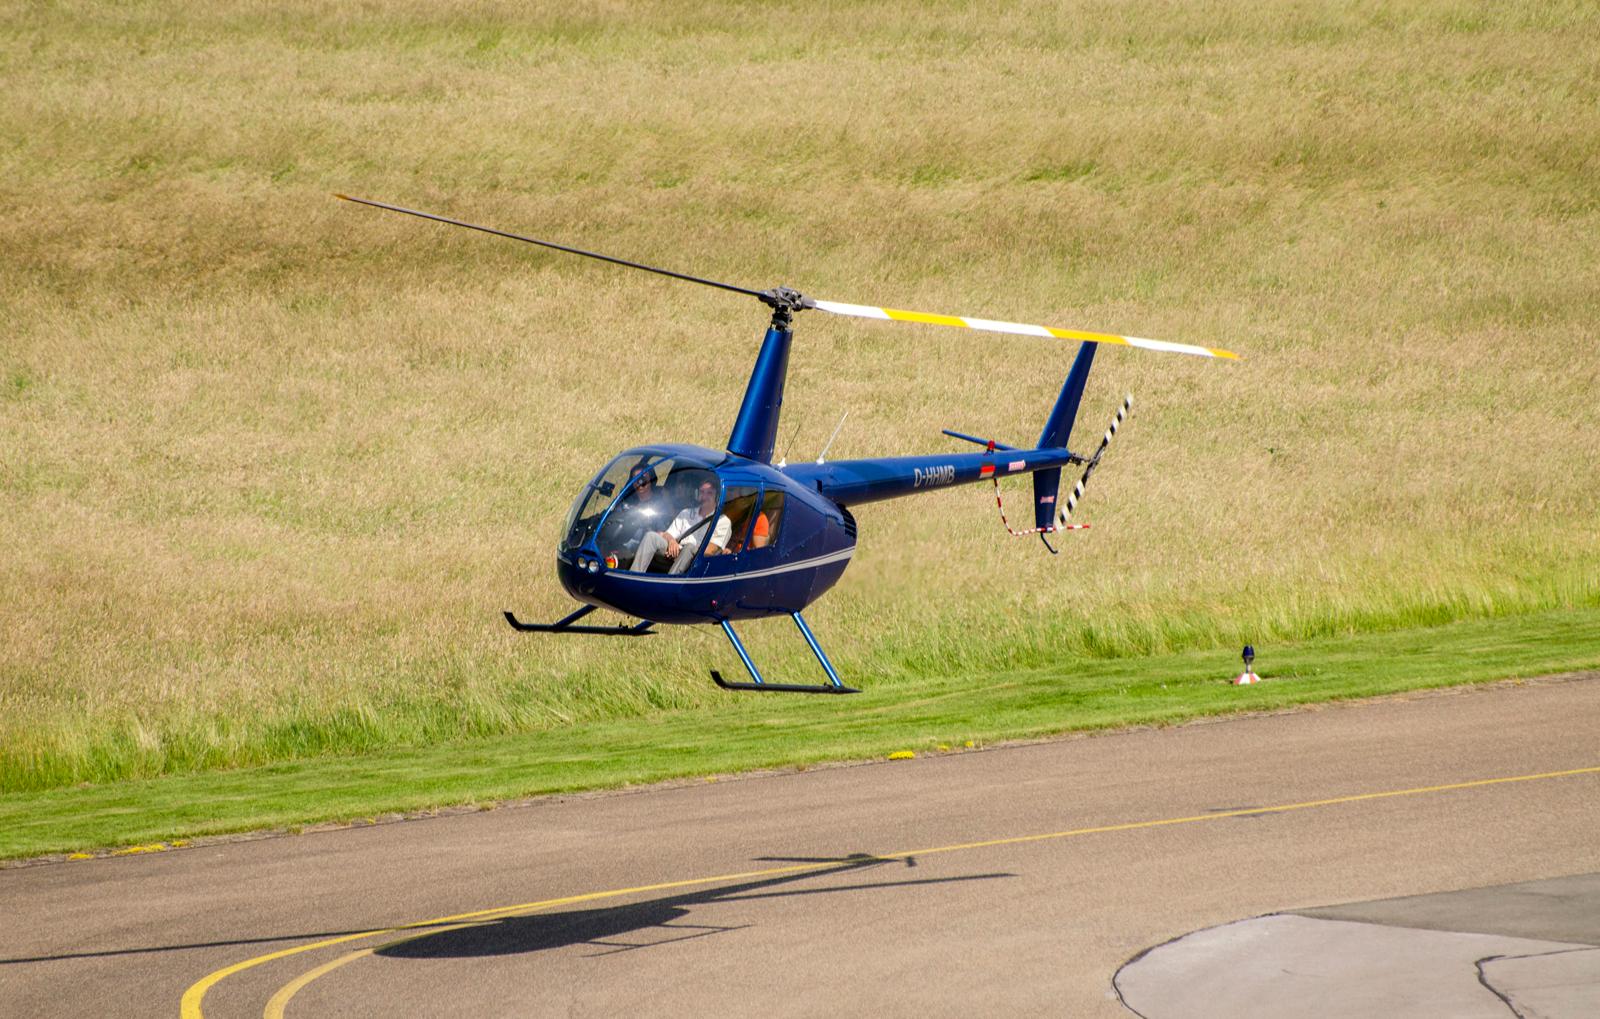 hubschrauber-rundflug-grosspoesna-bg1